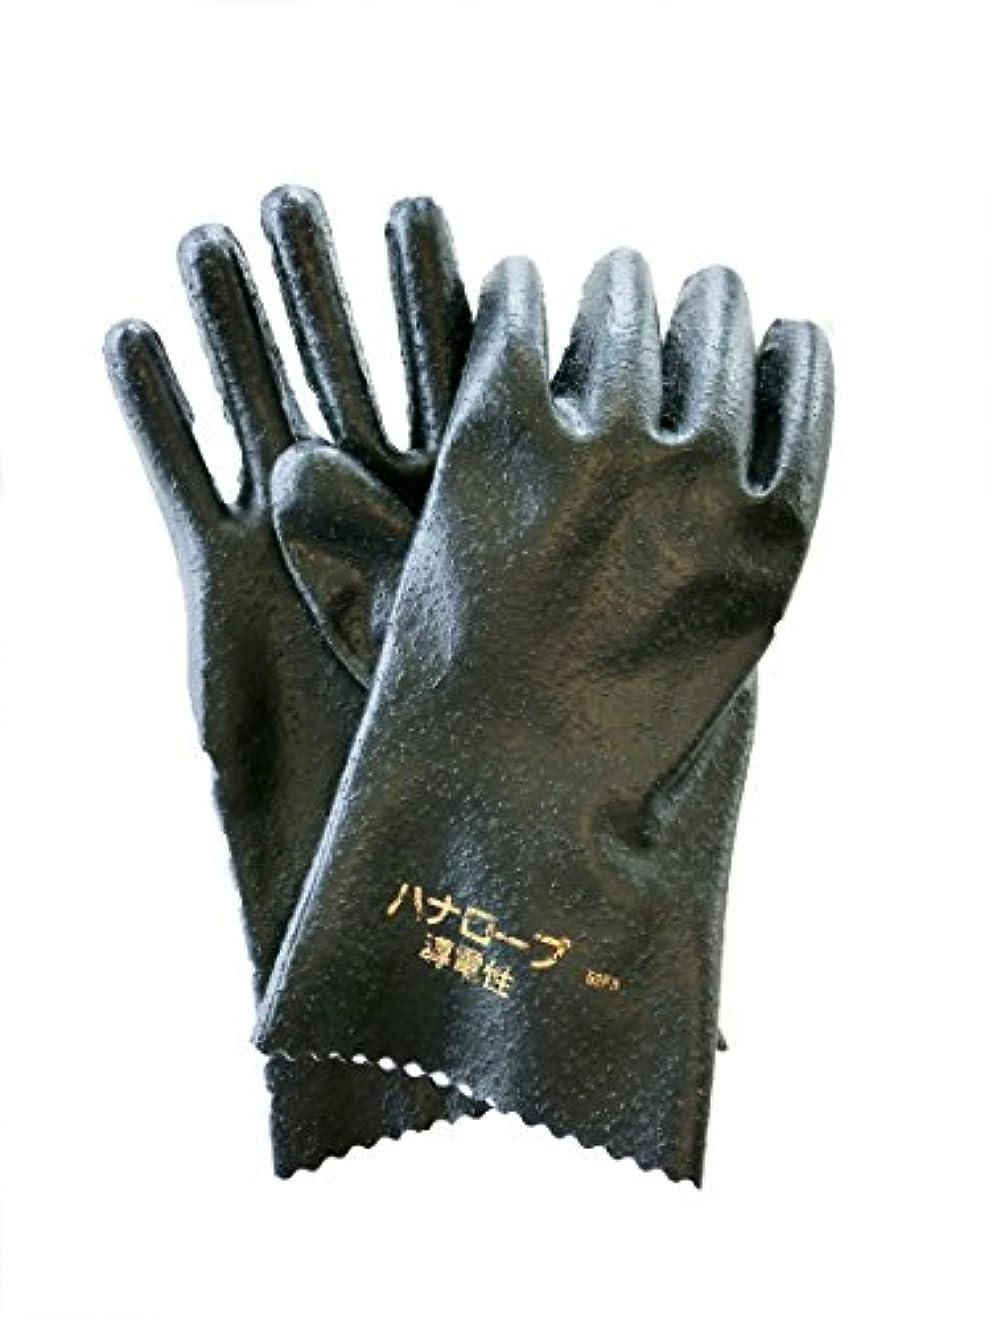 焦げフルート花瓶ハナキゴム 静電気用手袋ハナローブ No.846S 1双